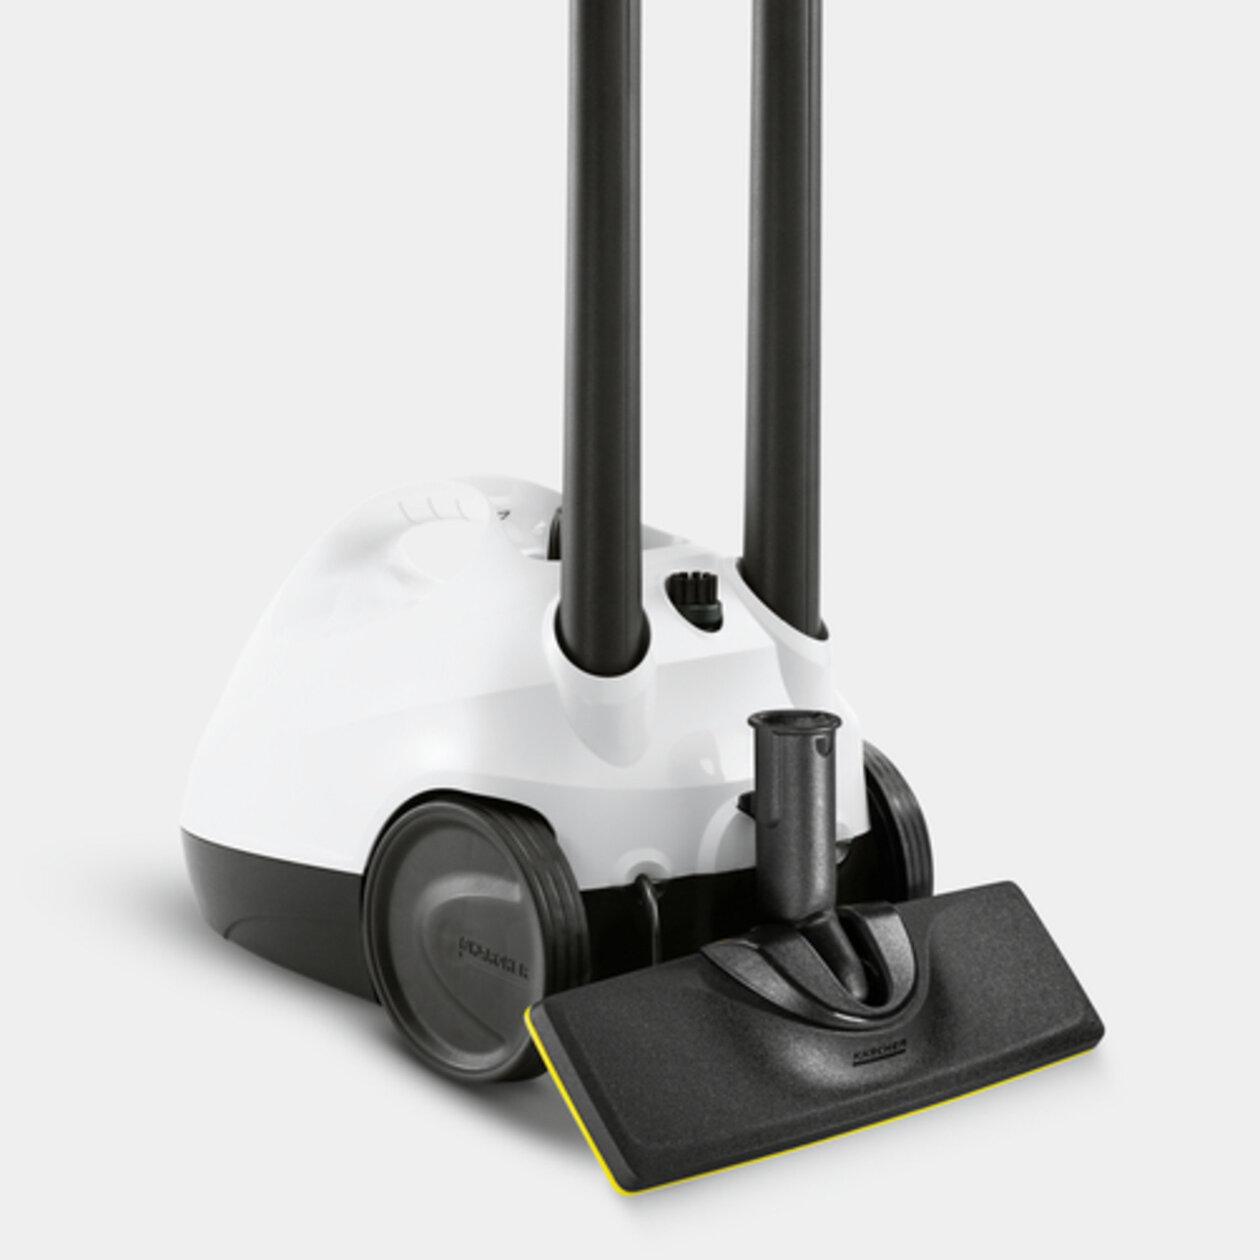 Пароочиститель SC 2 EasyFix Premium: Место для хранения аксессуаров и парковка для насадки